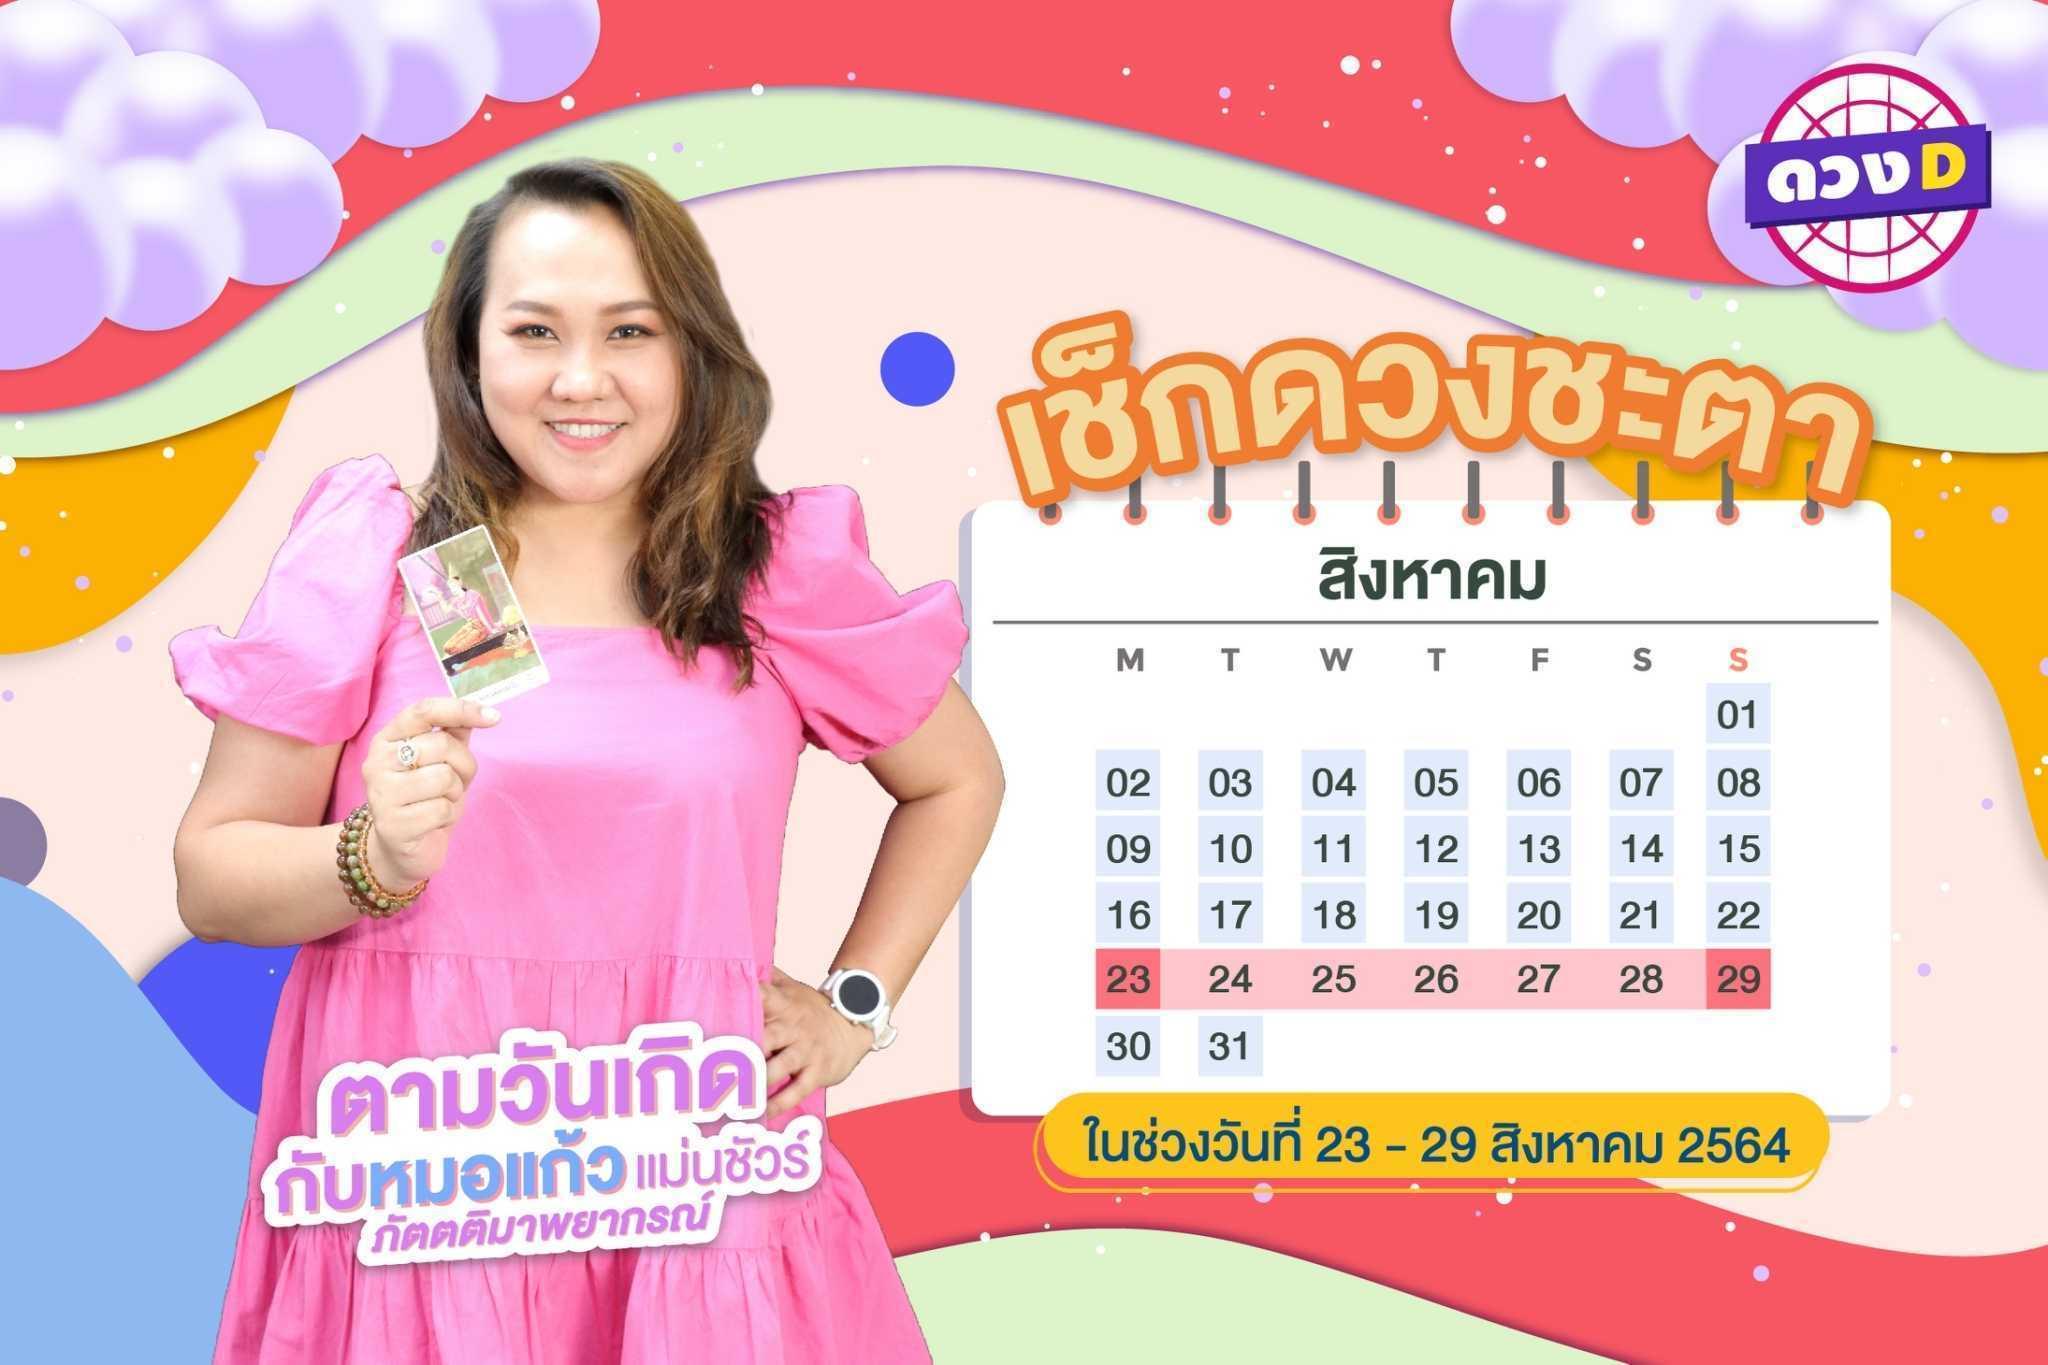 มาแล้วแม่ !! ดวงประจำสัปดาห์ ประจำวันที่ 23 - 29 สิงหาคม 2564  จาก หมอแก้ว แม่นชัวร์ !